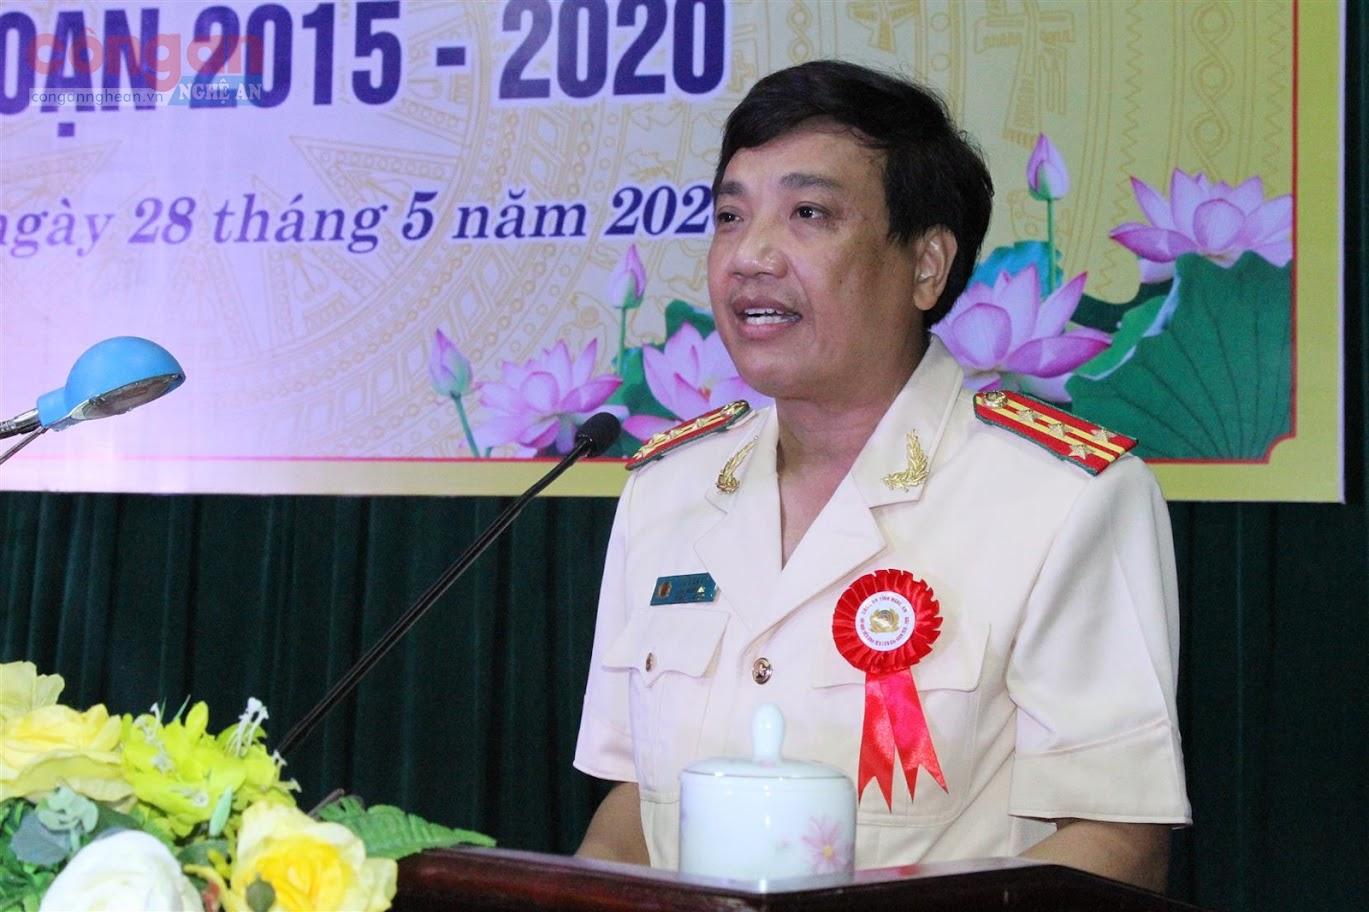 Đồng chí Đại tá Hồ Văn Tứ, Phó Giám đốc Công an tỉnh phát động phong trào thi đua